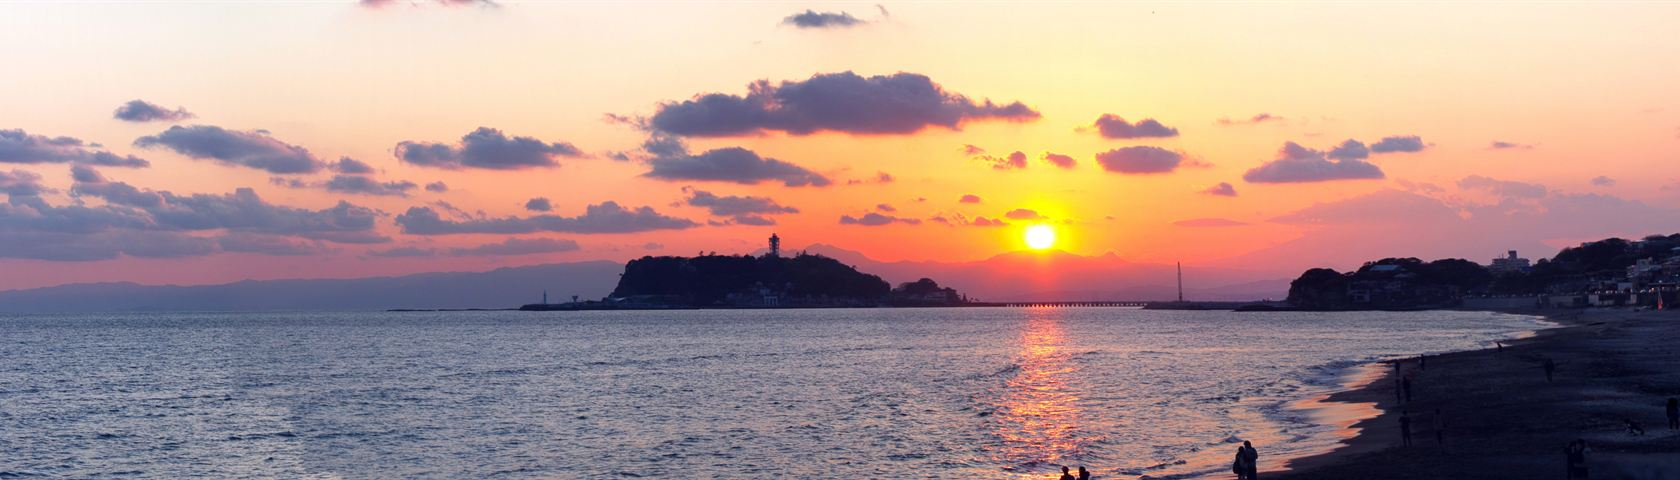 Kamakura Beach Panorama